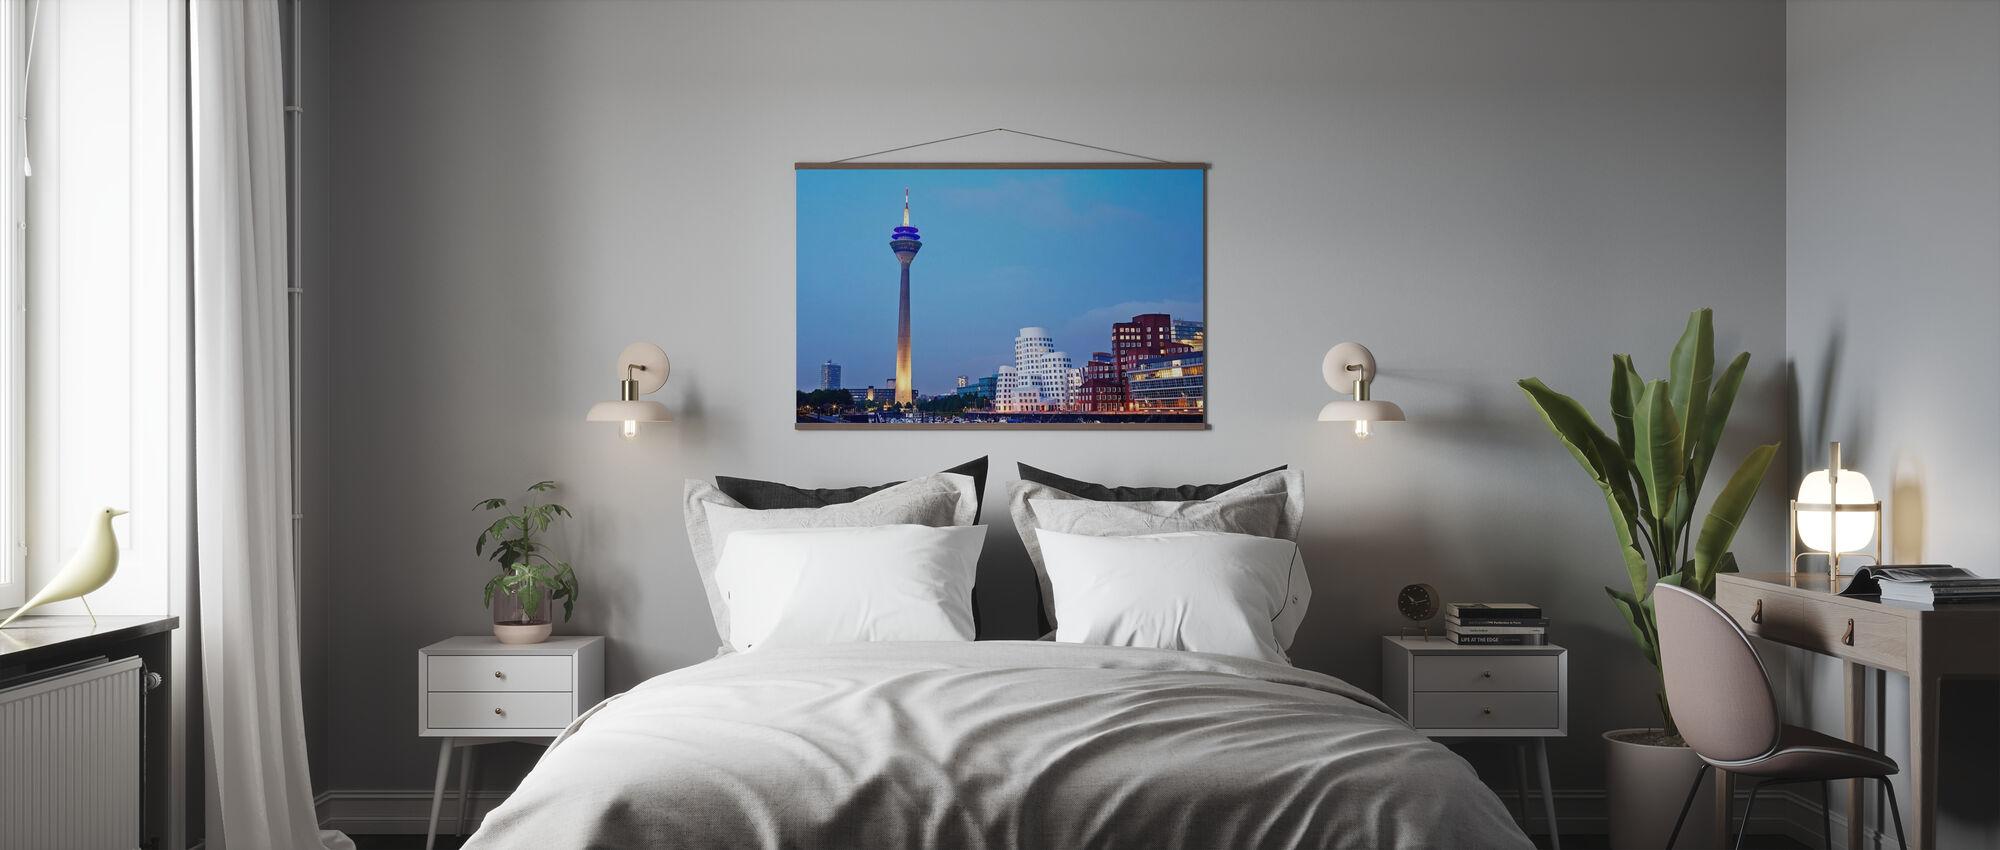 Düsseldorfs Rheinturm-tårn i skumringen - Plakat - Soverom